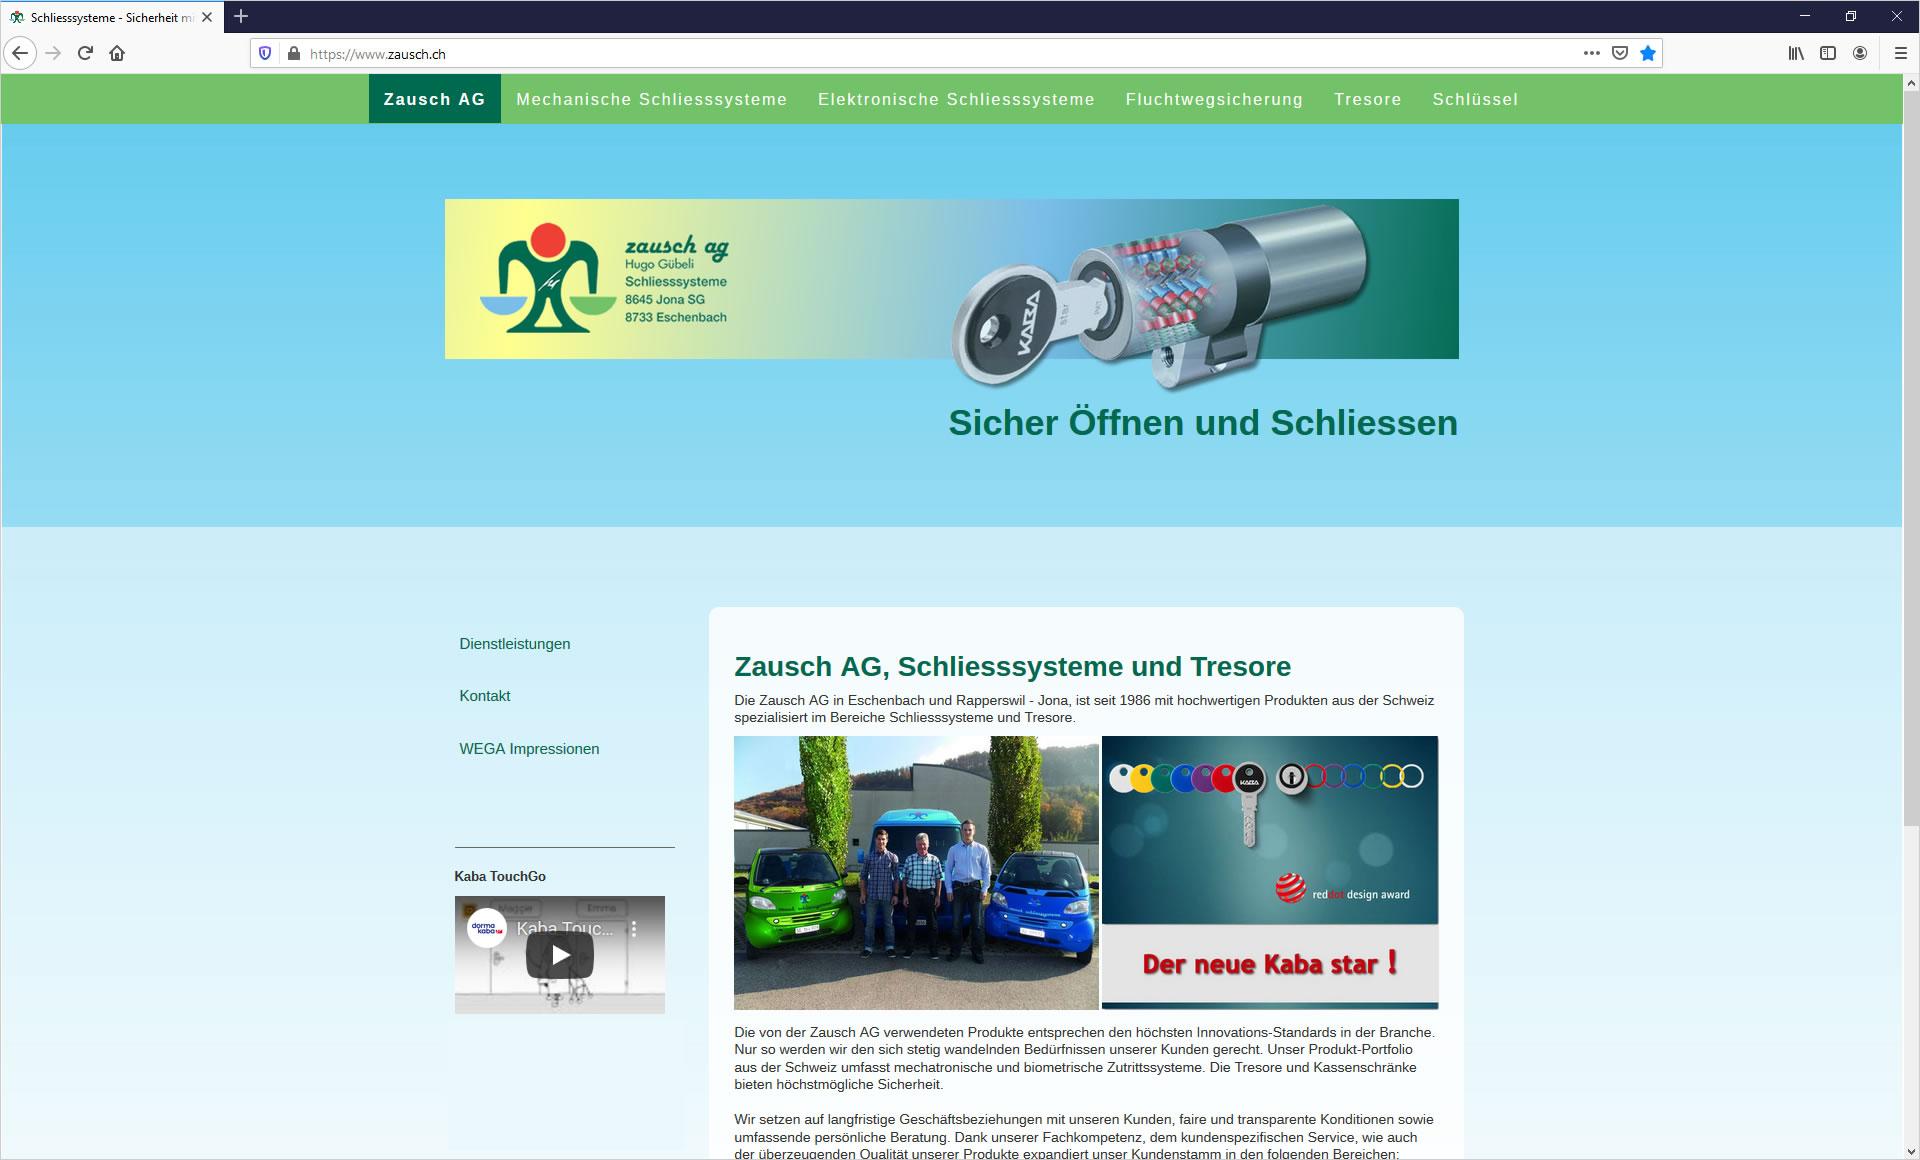 Zausch AG, Schliesssysteme und Tresore